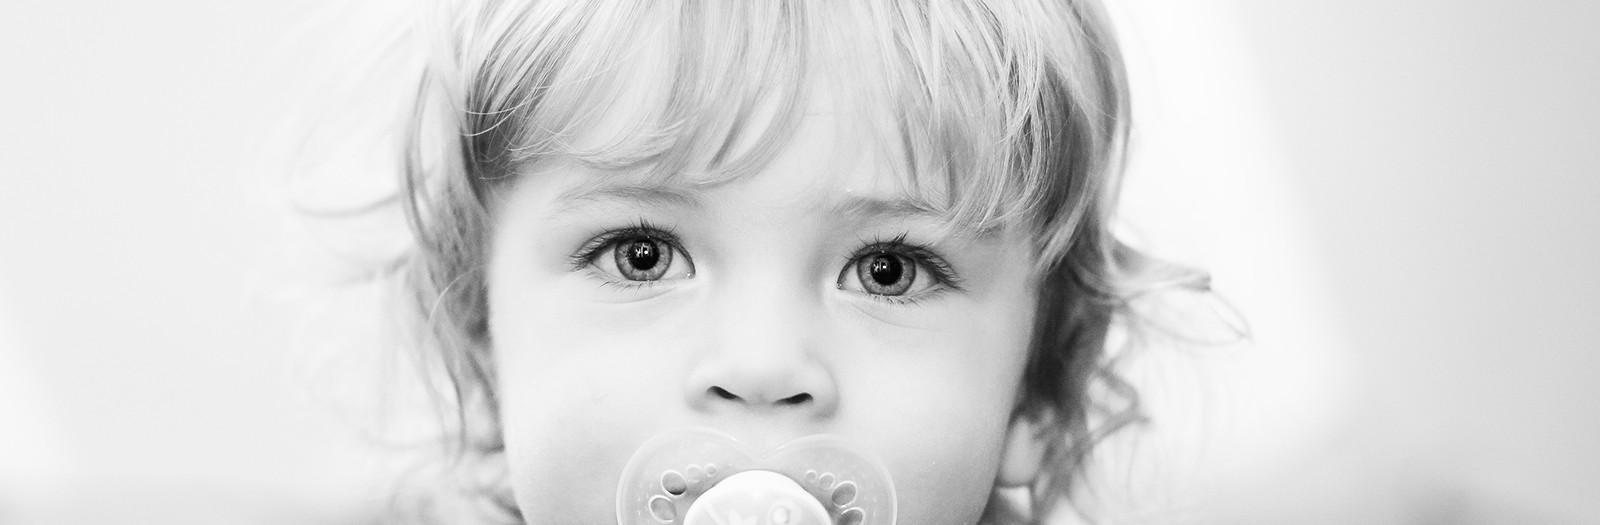 Baby-, Kinder-, -Hochzeits- und Unternehmensfotografie für Herne, Bochum und Umgebung